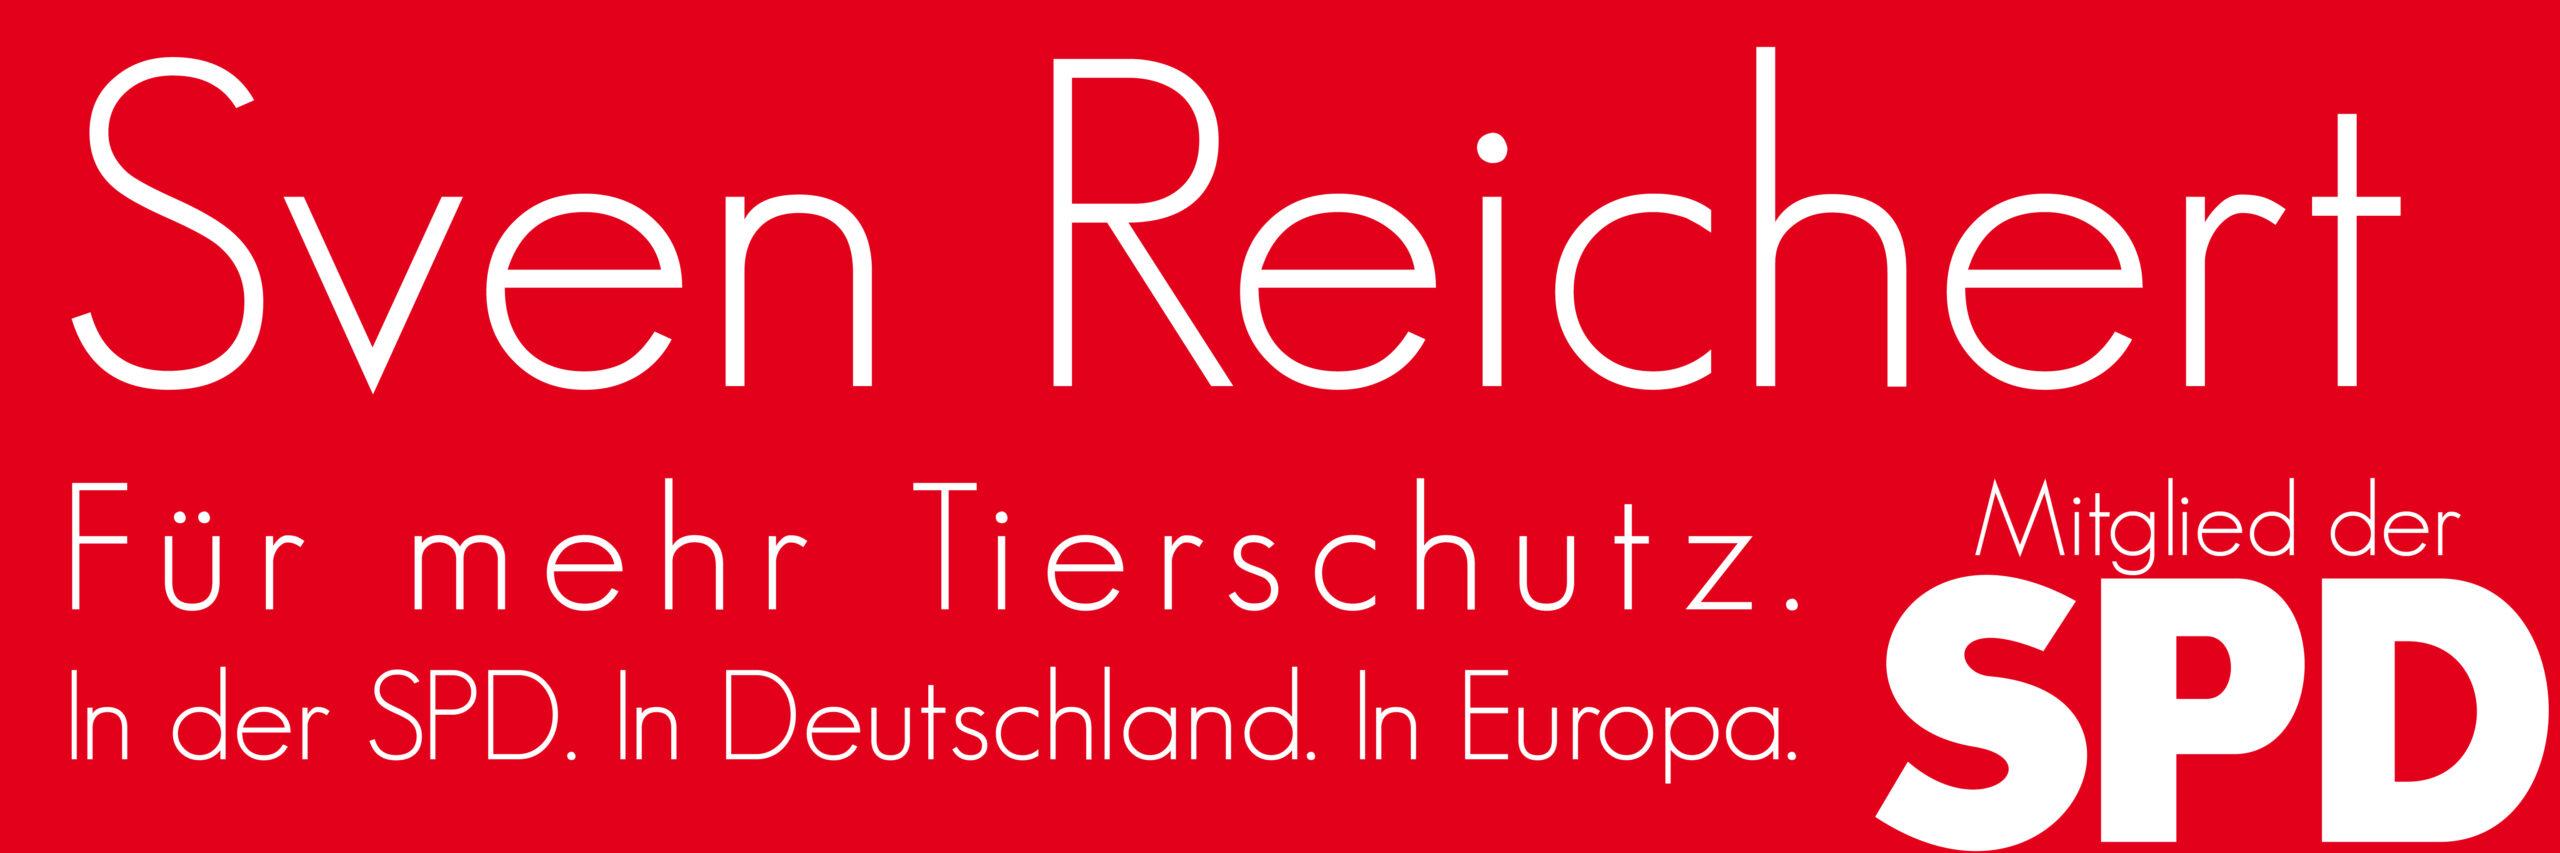 Sven Reichert